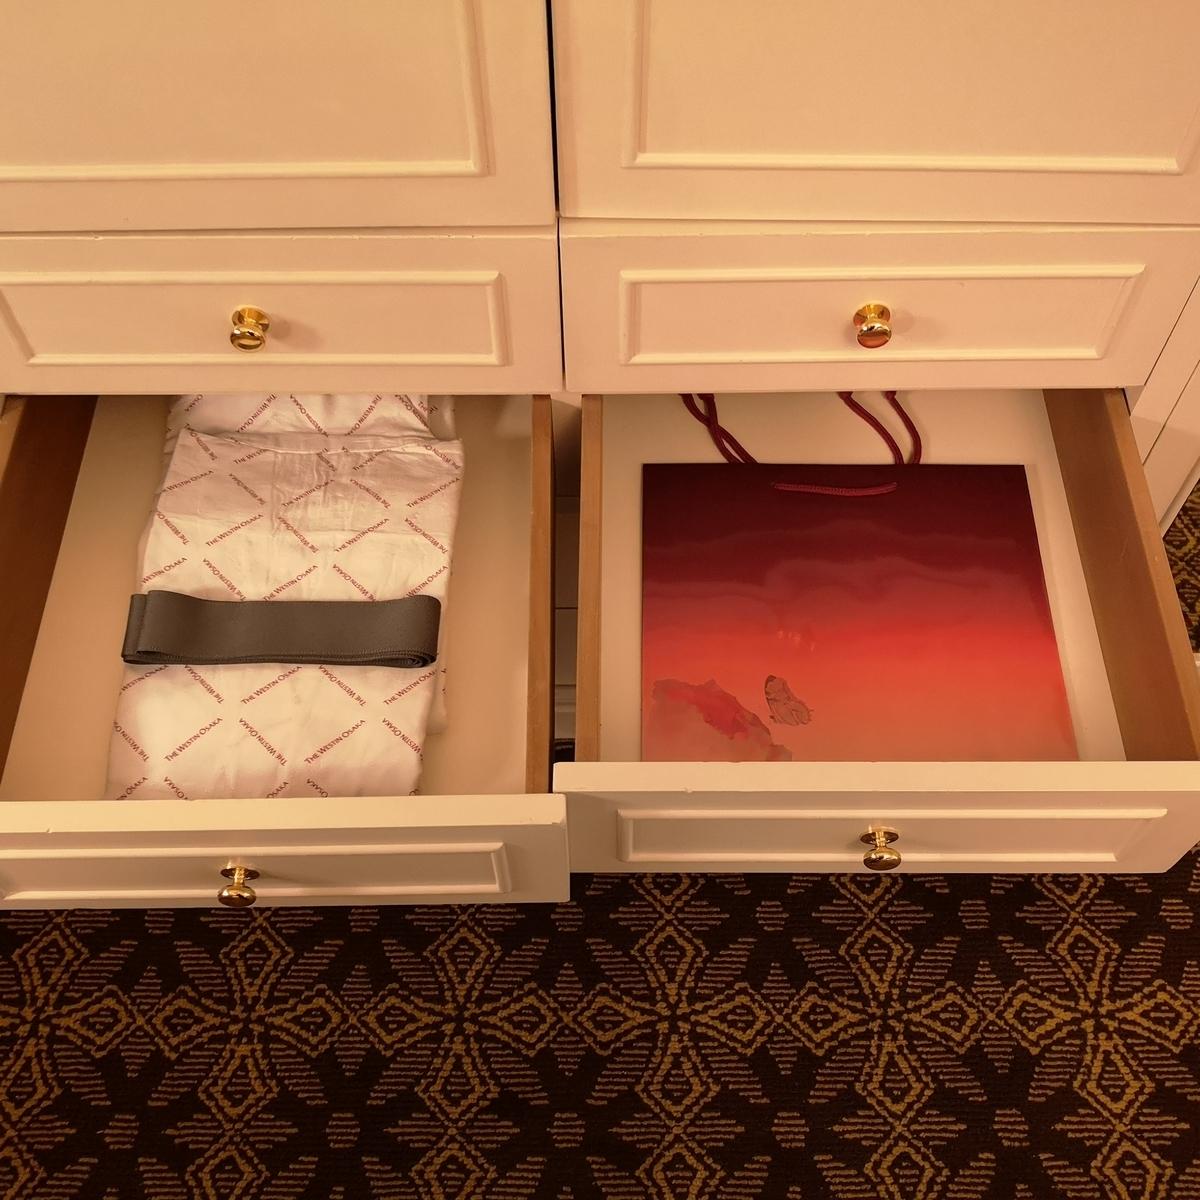 ウェスティンホテル大阪 エグゼクティブスイート ベッドルーム クローゼット